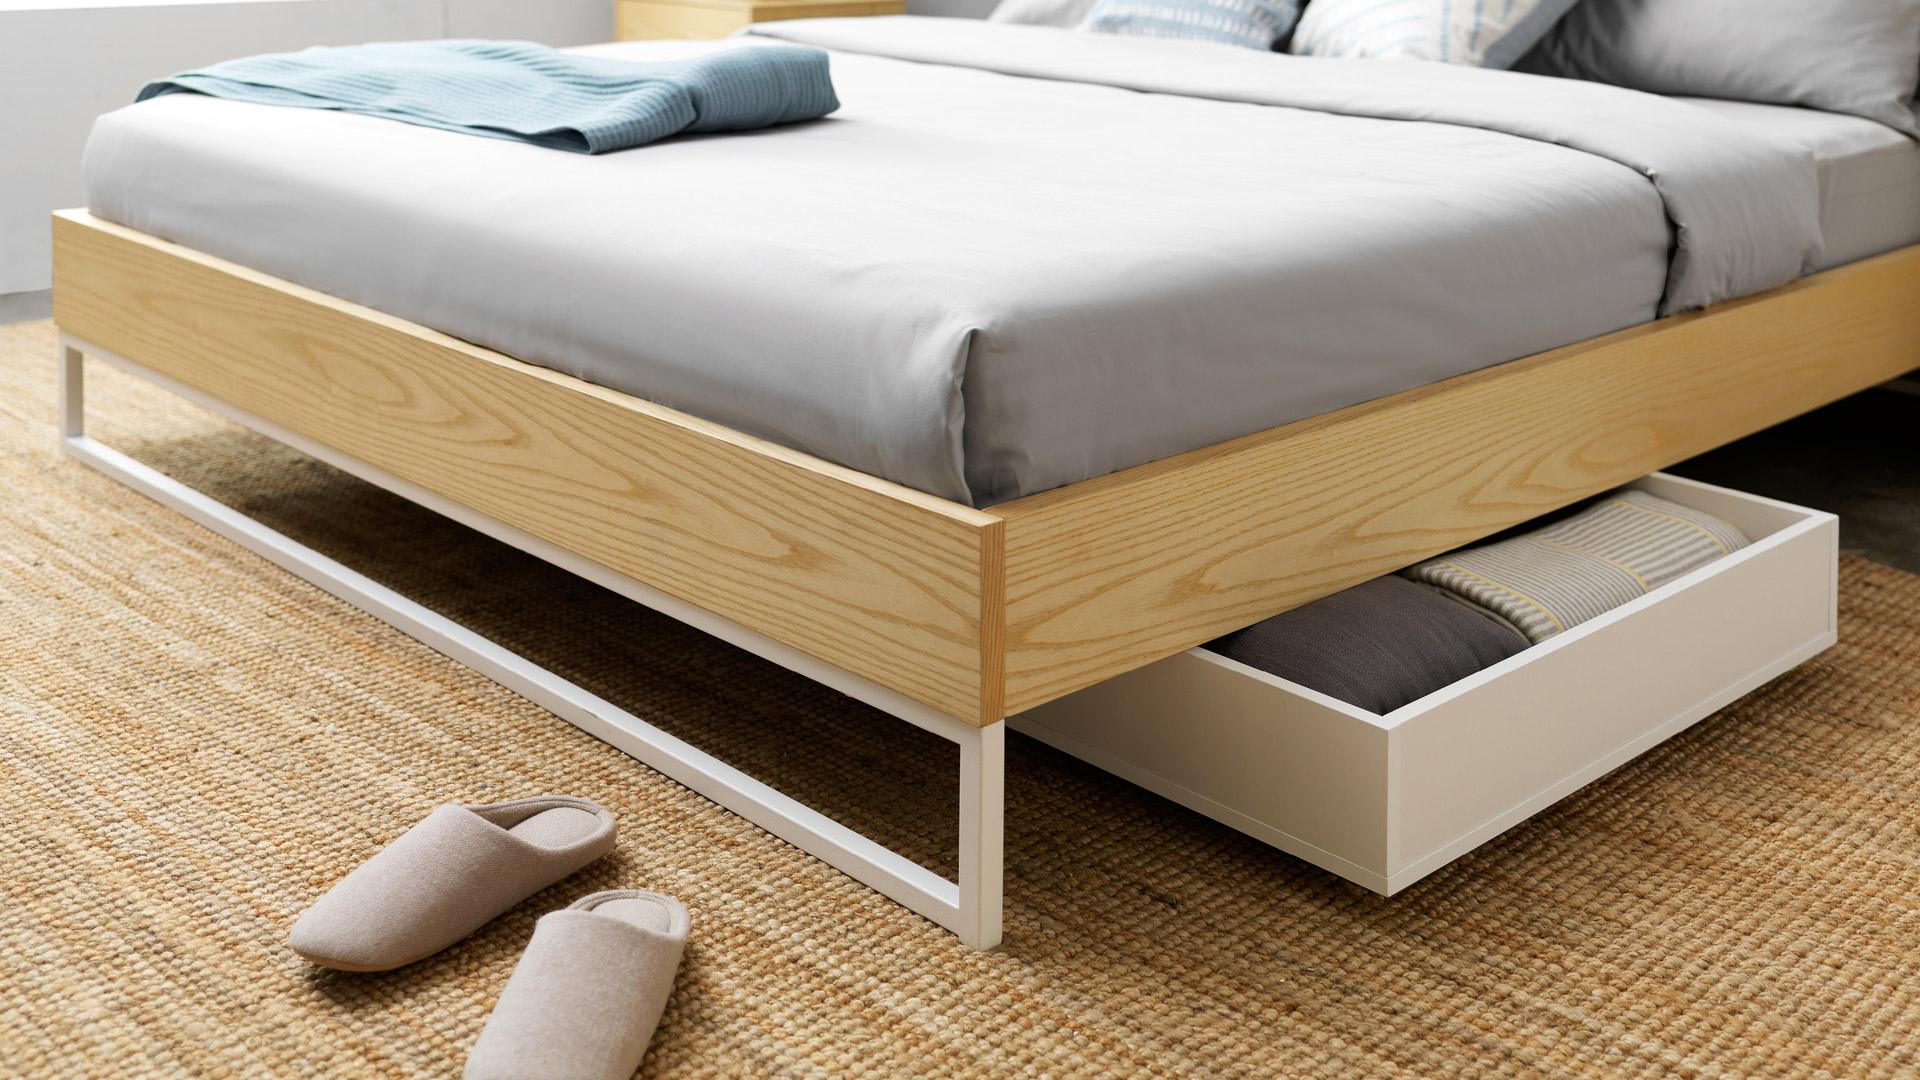 规整利落的几何构线,撑起高挑身型,层次感分明,同时方便床下储物盒的取放,给卧室更多空间表现。